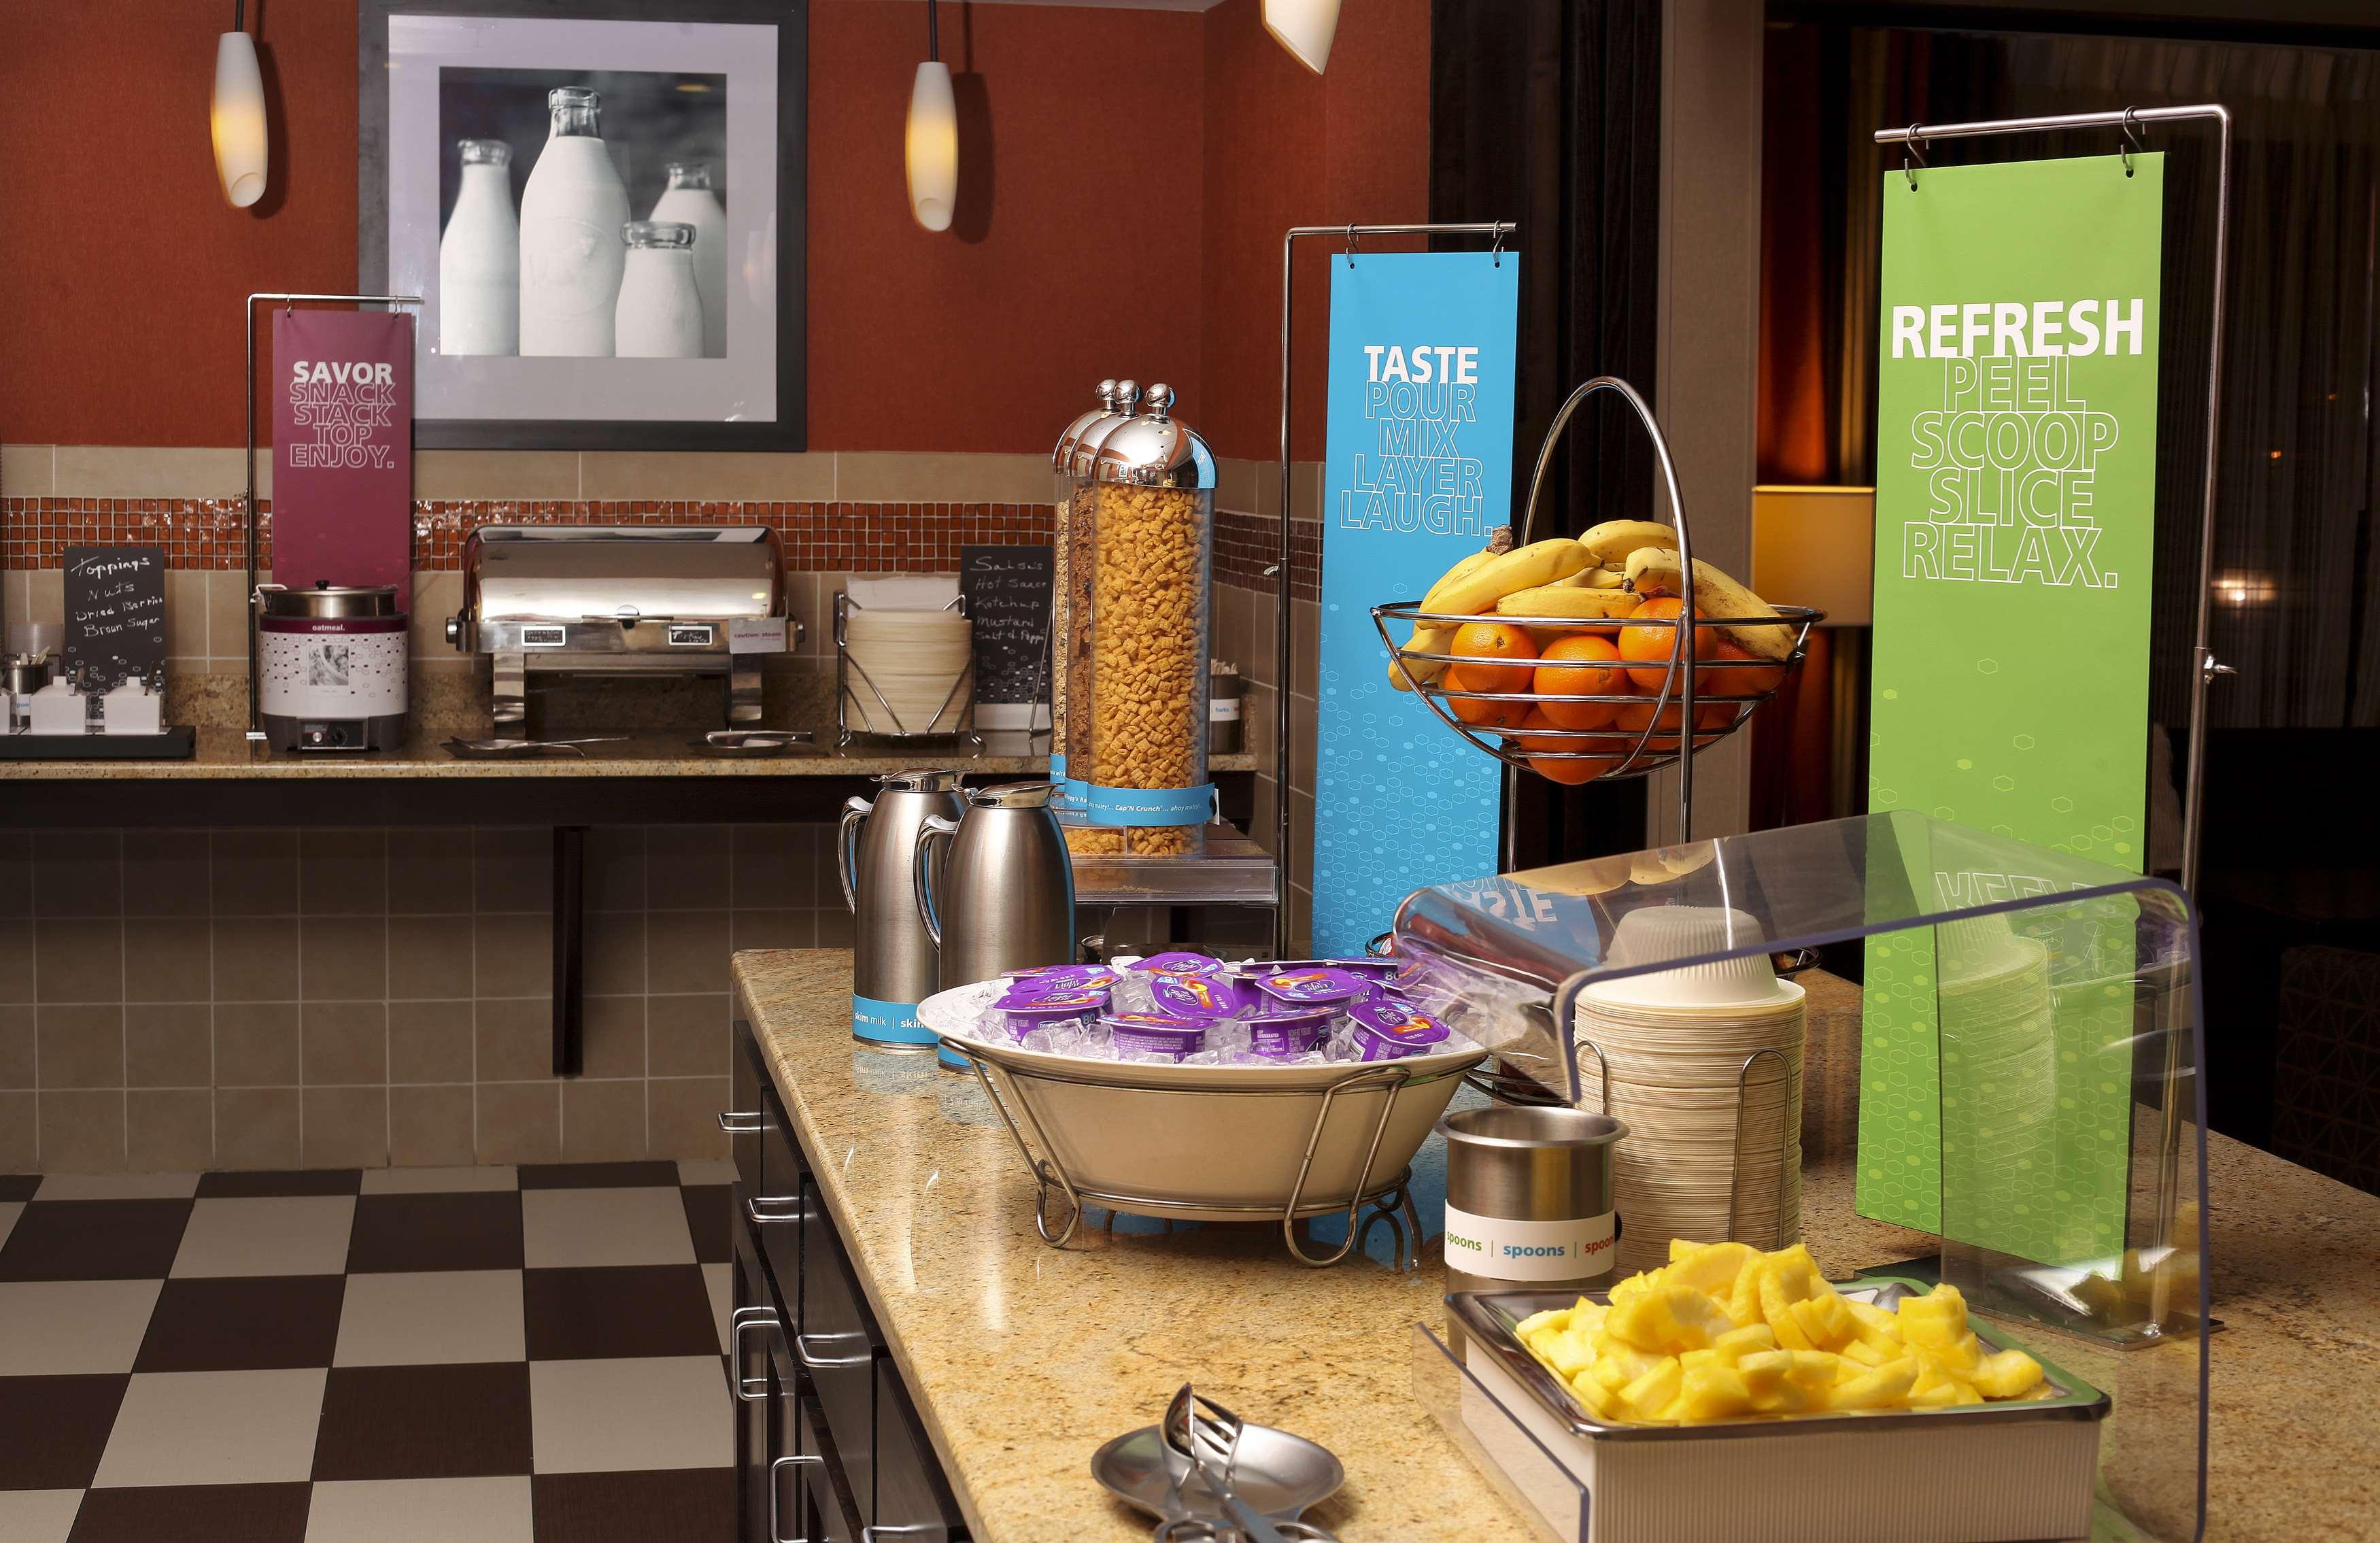 Hampton Inn & Suites Fargo image 6